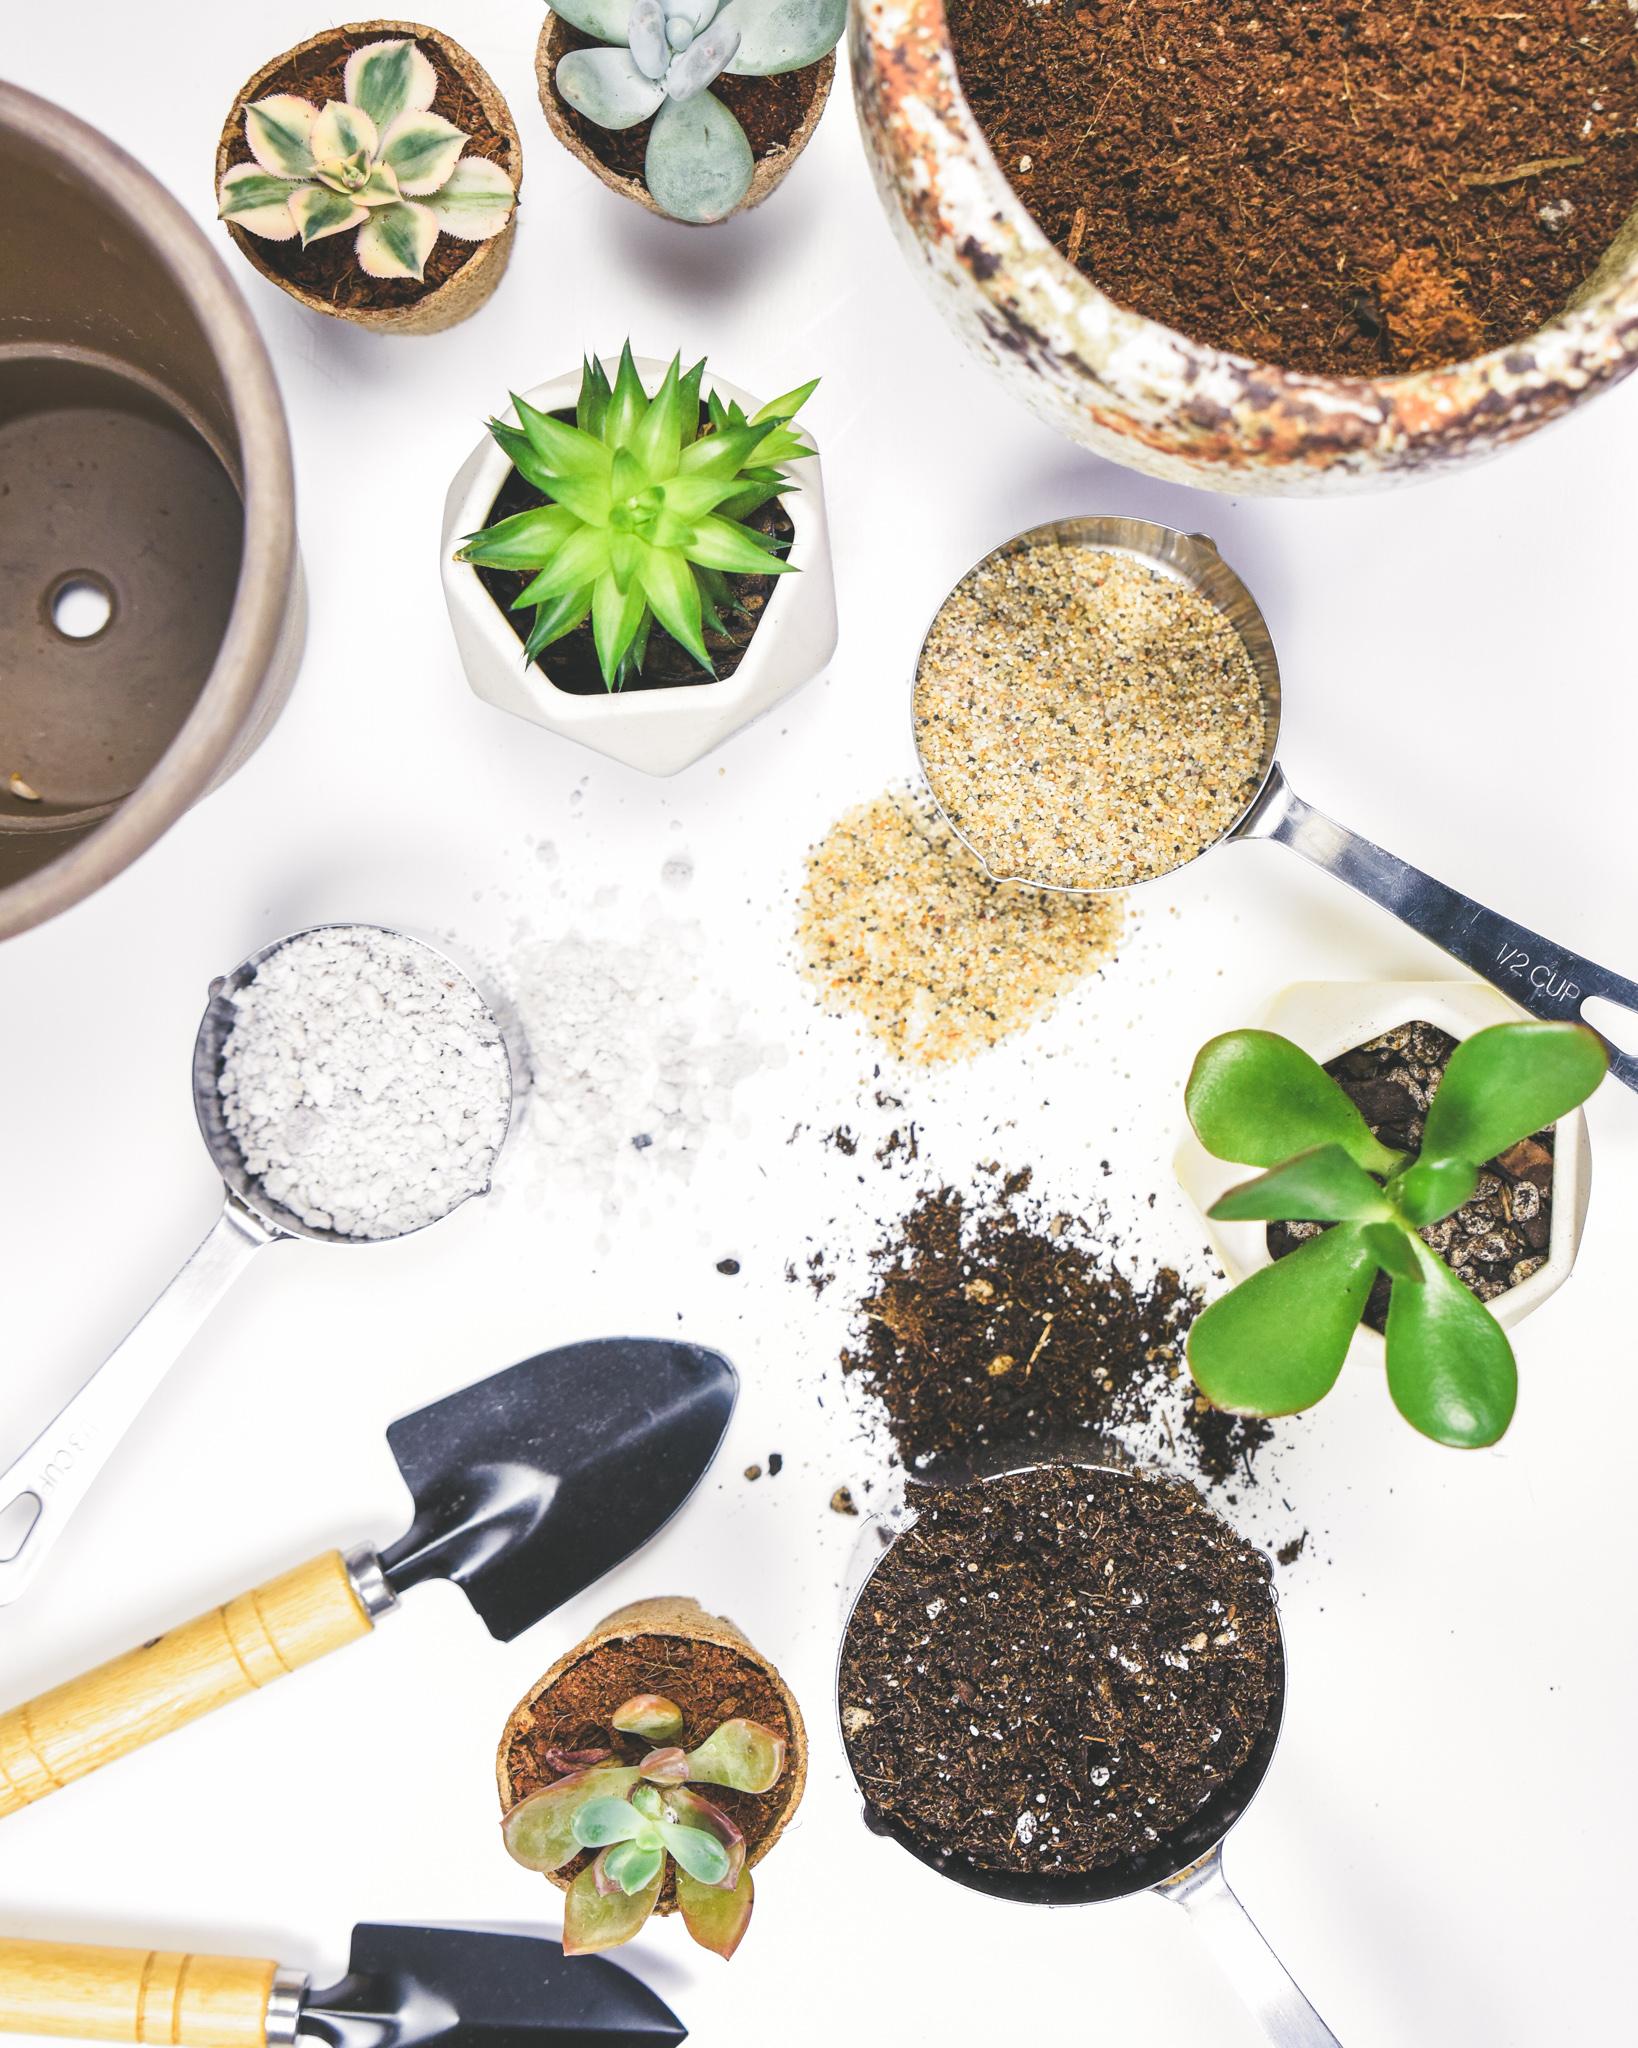 3 Ingredient Cactus Soil DIY